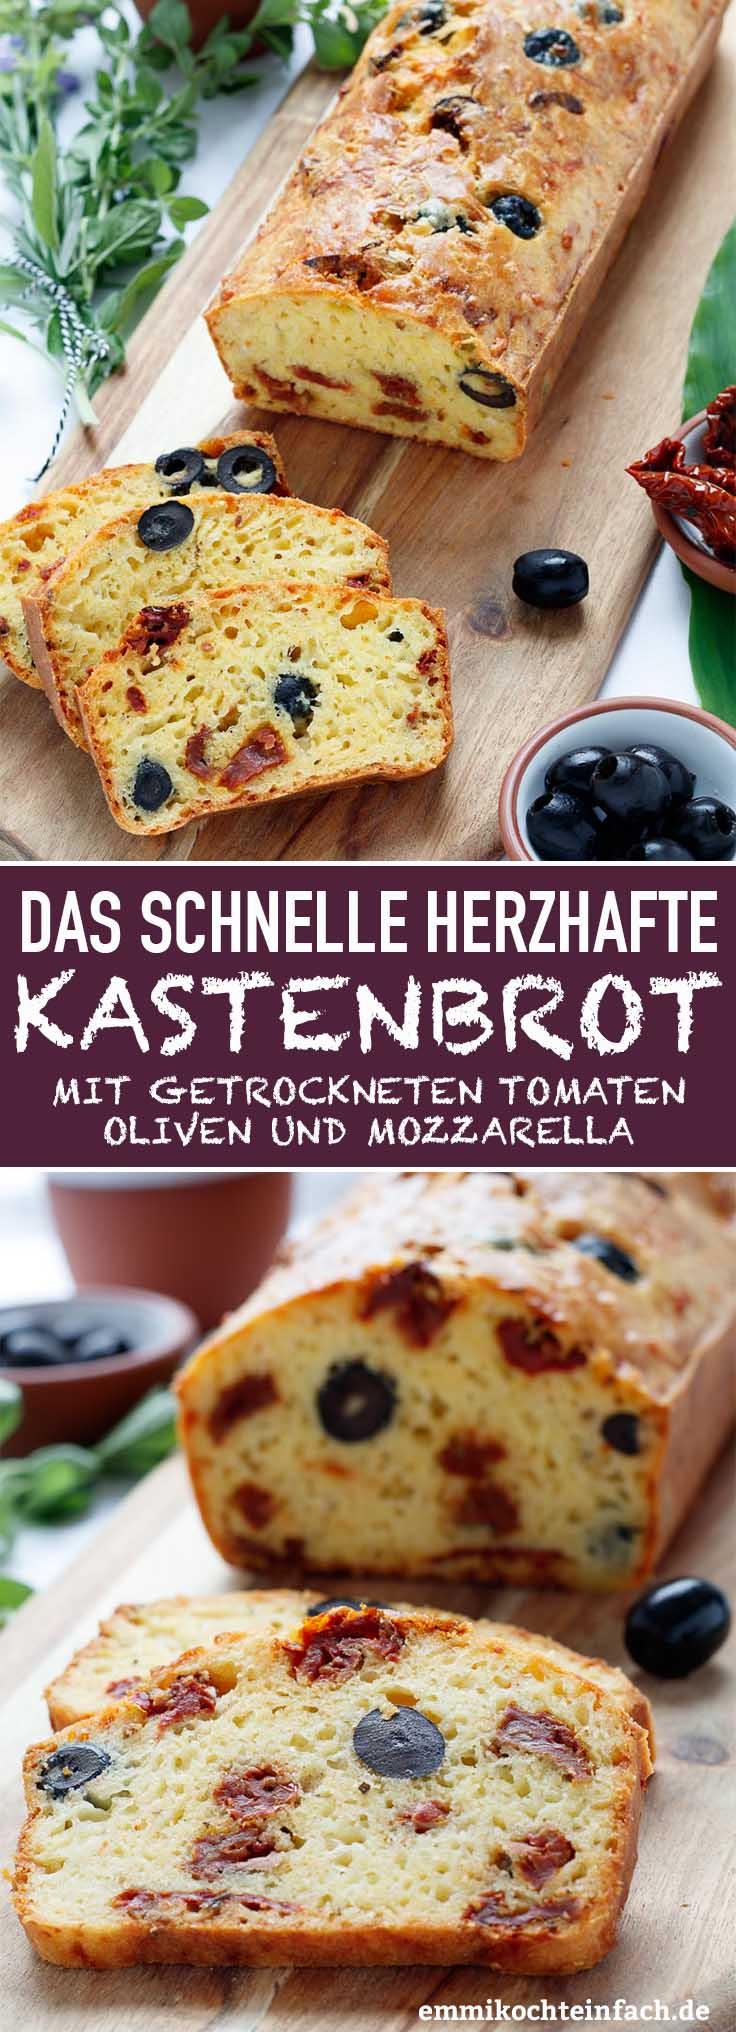 Herzhaftes Kastenbrot mit getrockneten Tomaten, Oliven und Mozzarella - www.emmikochteinfach.de